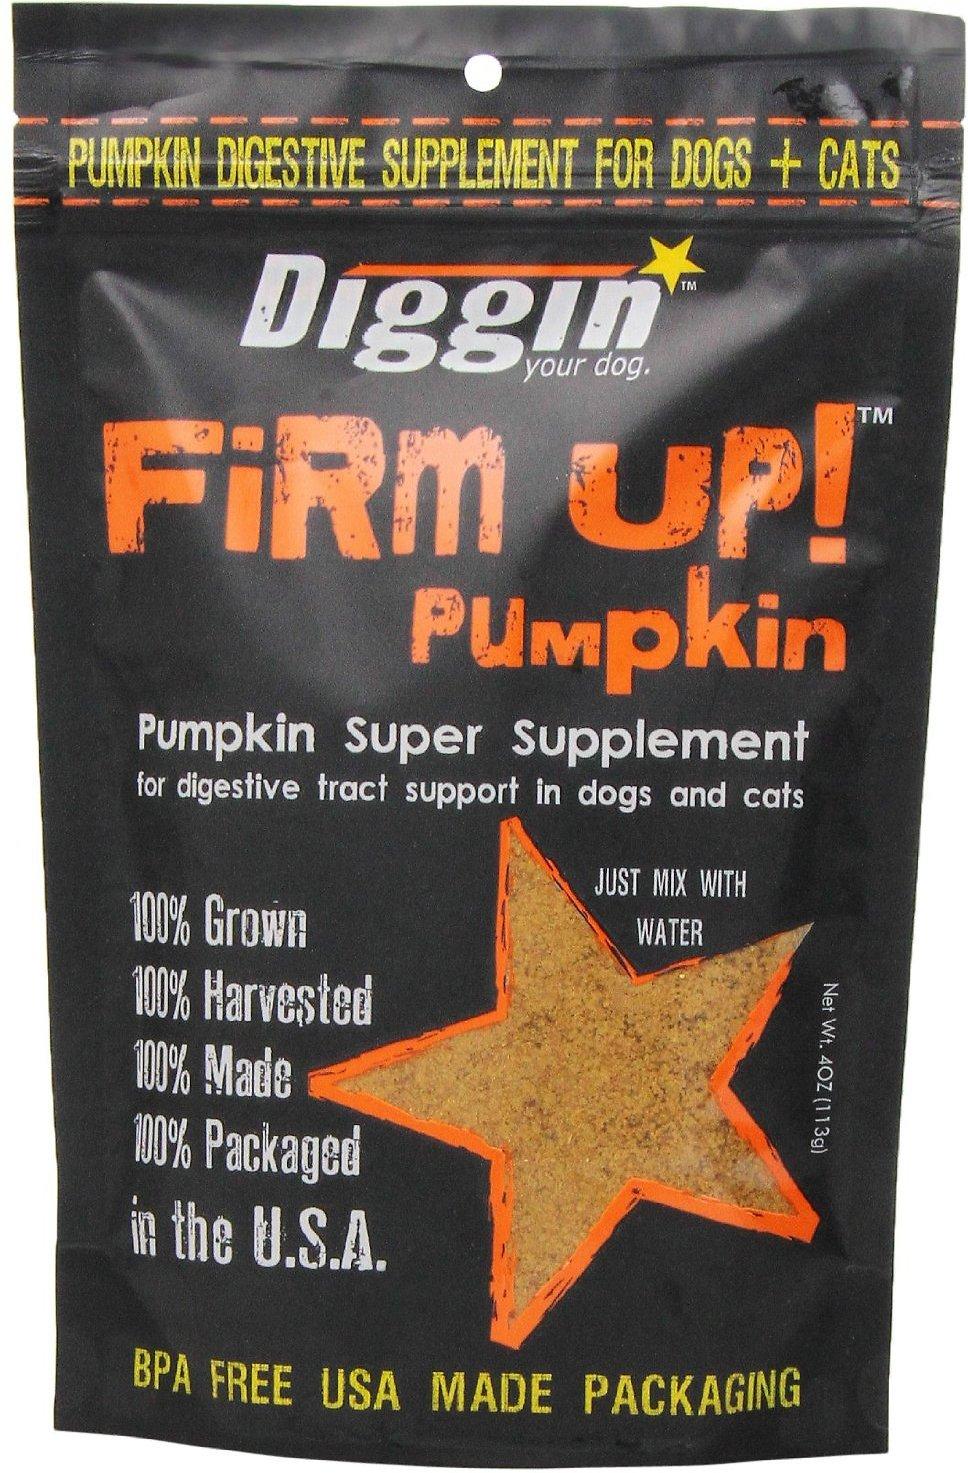 Diggin' Your Dog Firm Up! Pumpkin Super Dog & Cat Suppliment Image